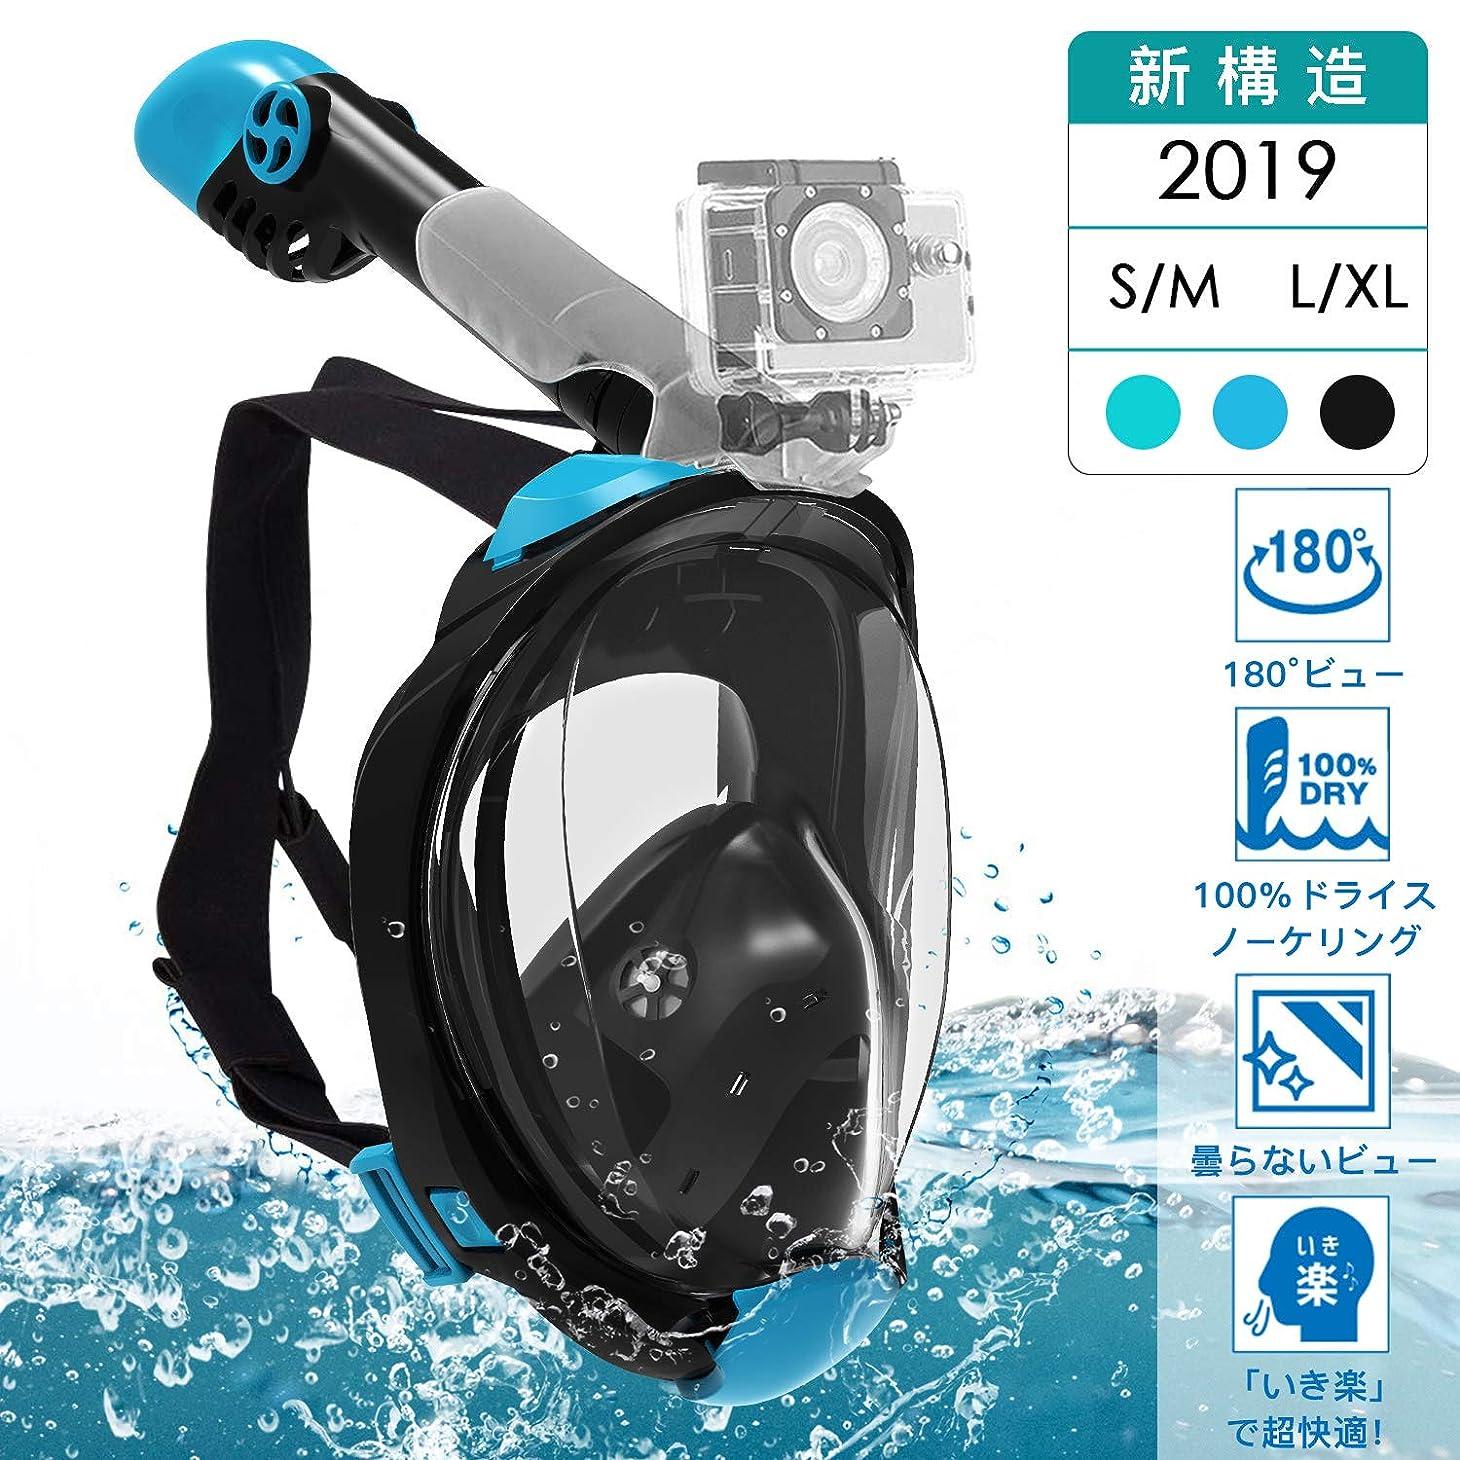 牛肉立ち寄るそれにもかかわらずGreatever 2019最新型 シュノーケルマスク ダイビングマスク フルフェイス型 革新的な CO2- 空気分離 自由に呼吸可能 安全 スノーケルマスク 180°のワイドビュー 曇り止め 男女兼用 スポーツカメラ取付可能 水中撮影 折り畳み式 携帯 収納便利 耳栓付き 水泳 旅行